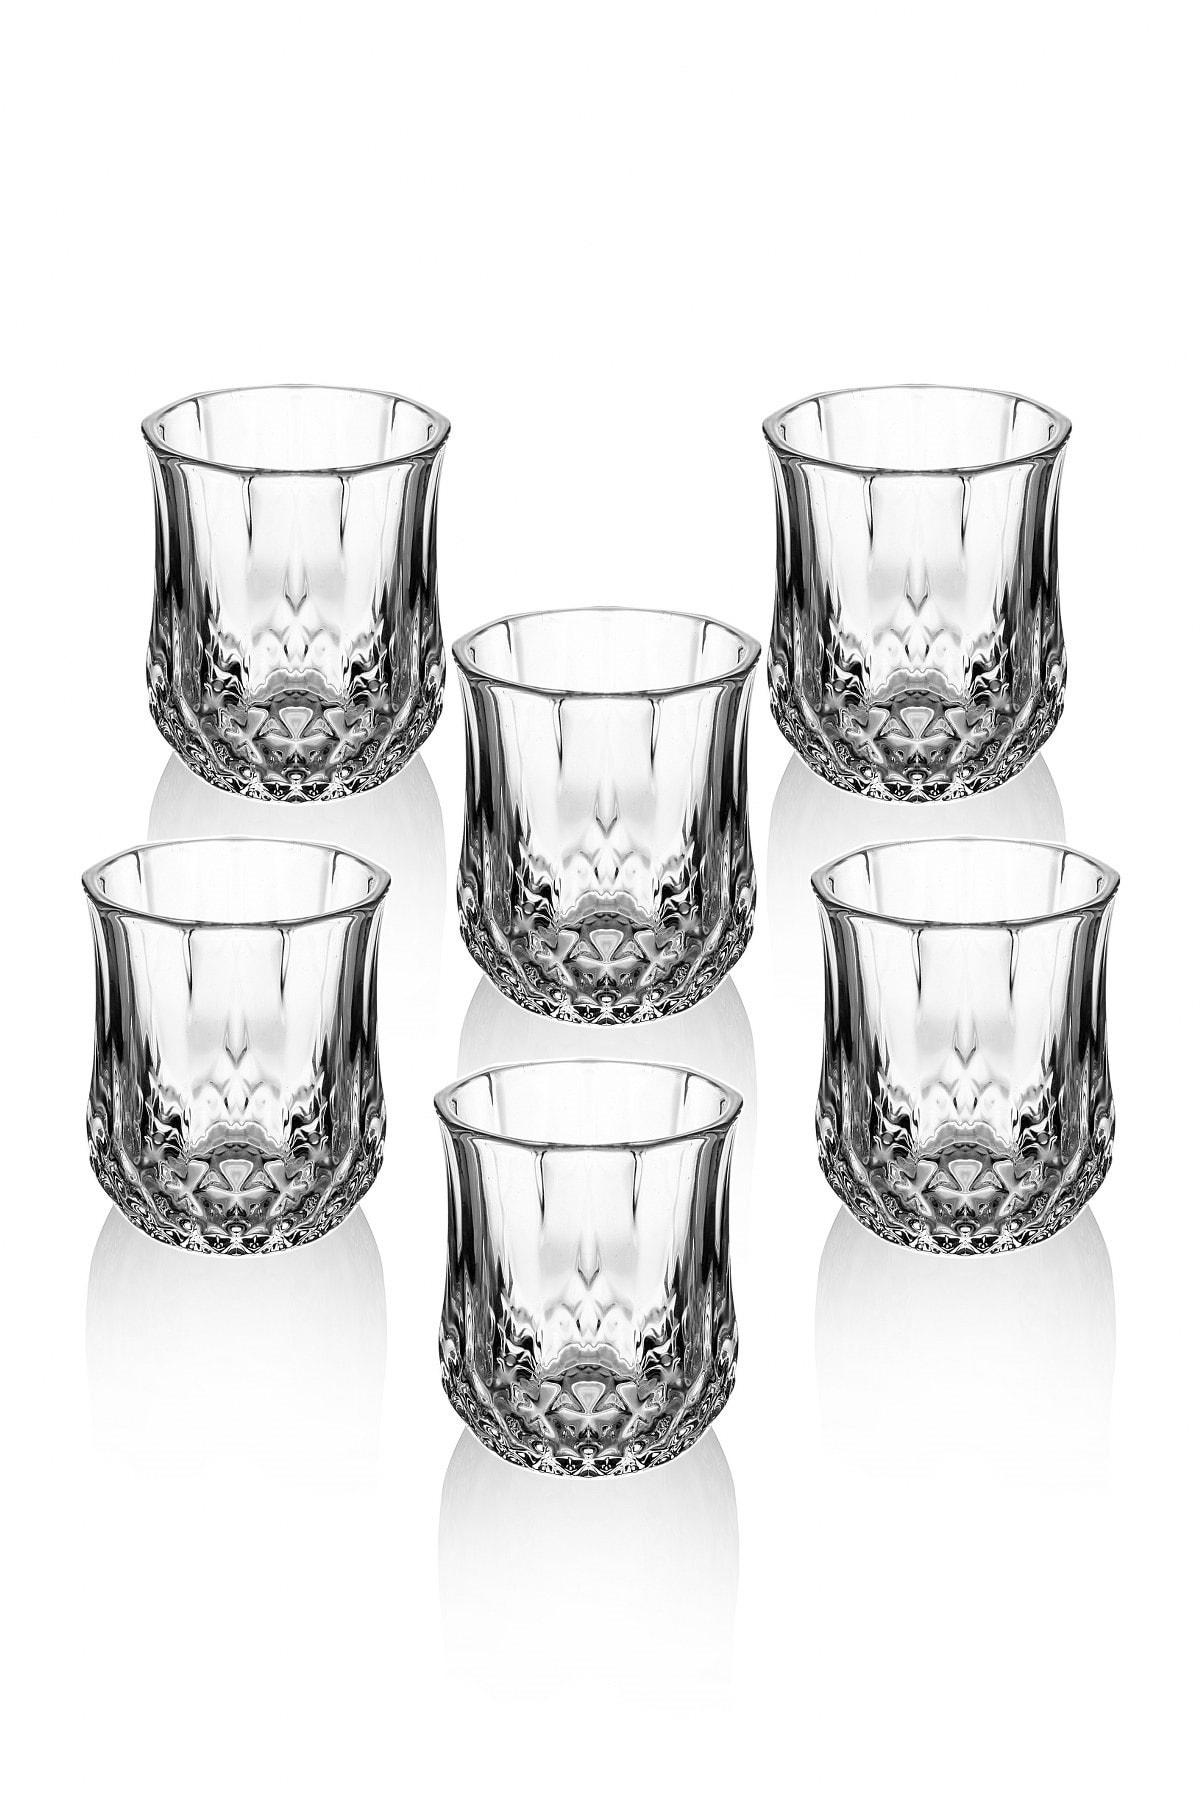 Queen's Kitchen Beyaz 6 Adet Kristal Kesme Lüx Kahve Yanı Su Bardağı 1